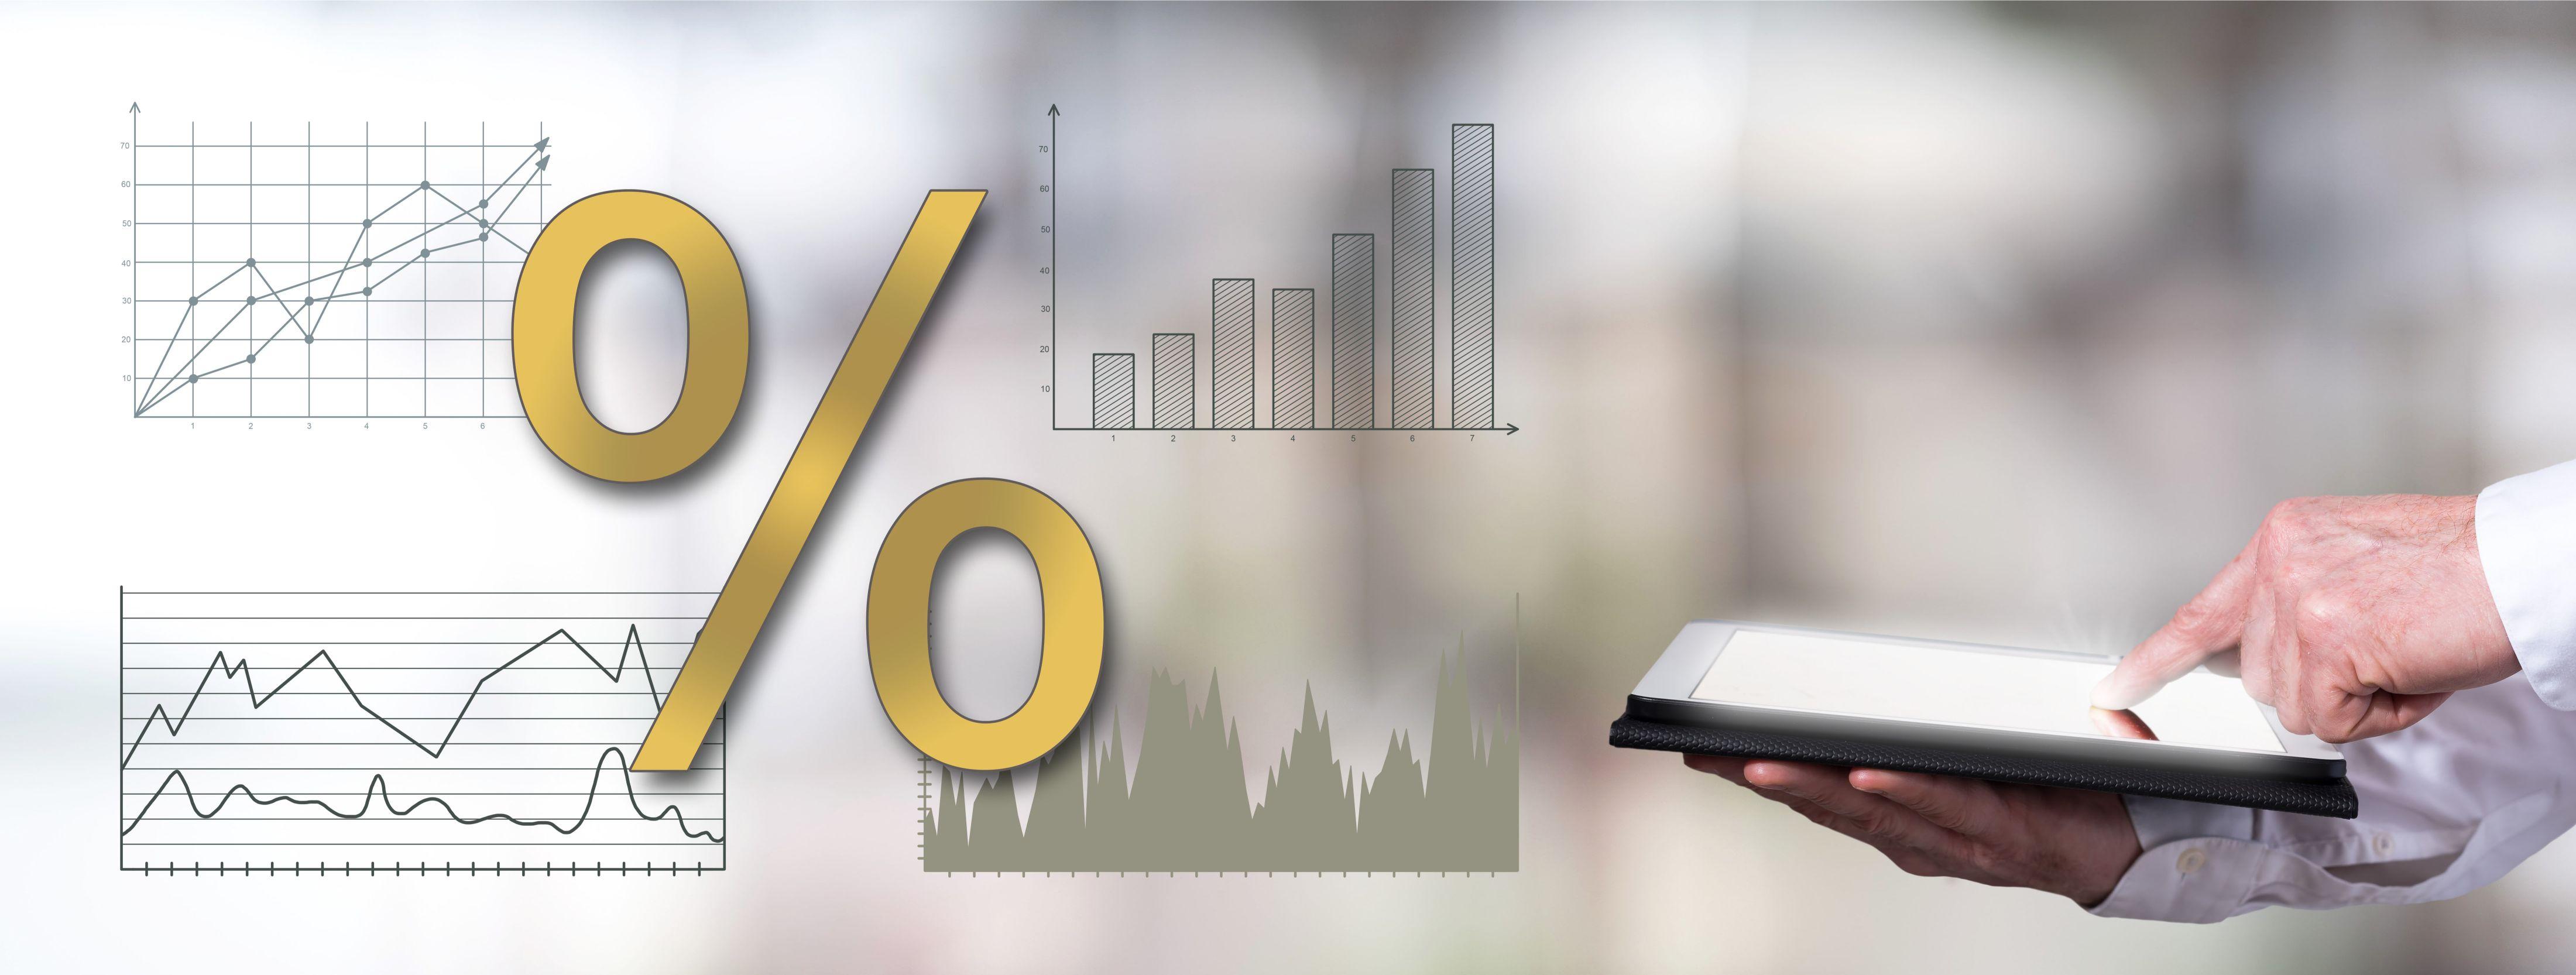 trouver-meilleurs-taux-hypothecaires